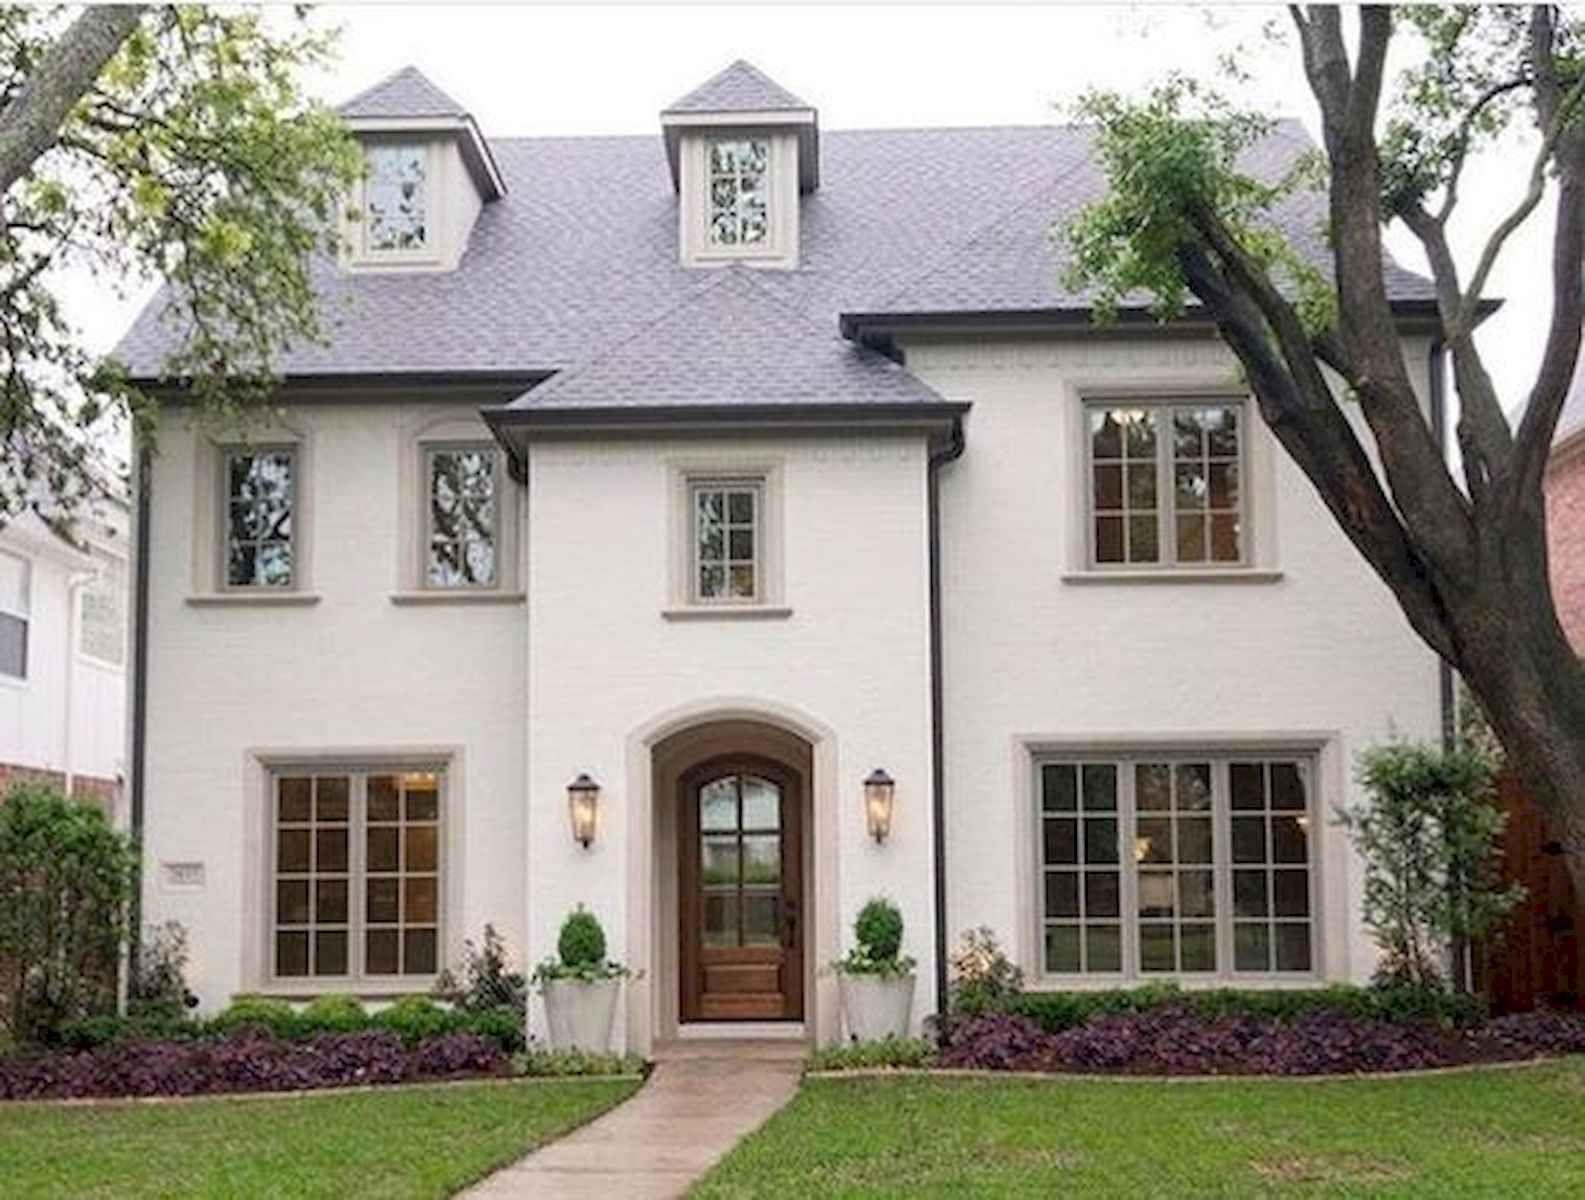 40 Stunning White Farmhouse Exterior Design Ideas (9